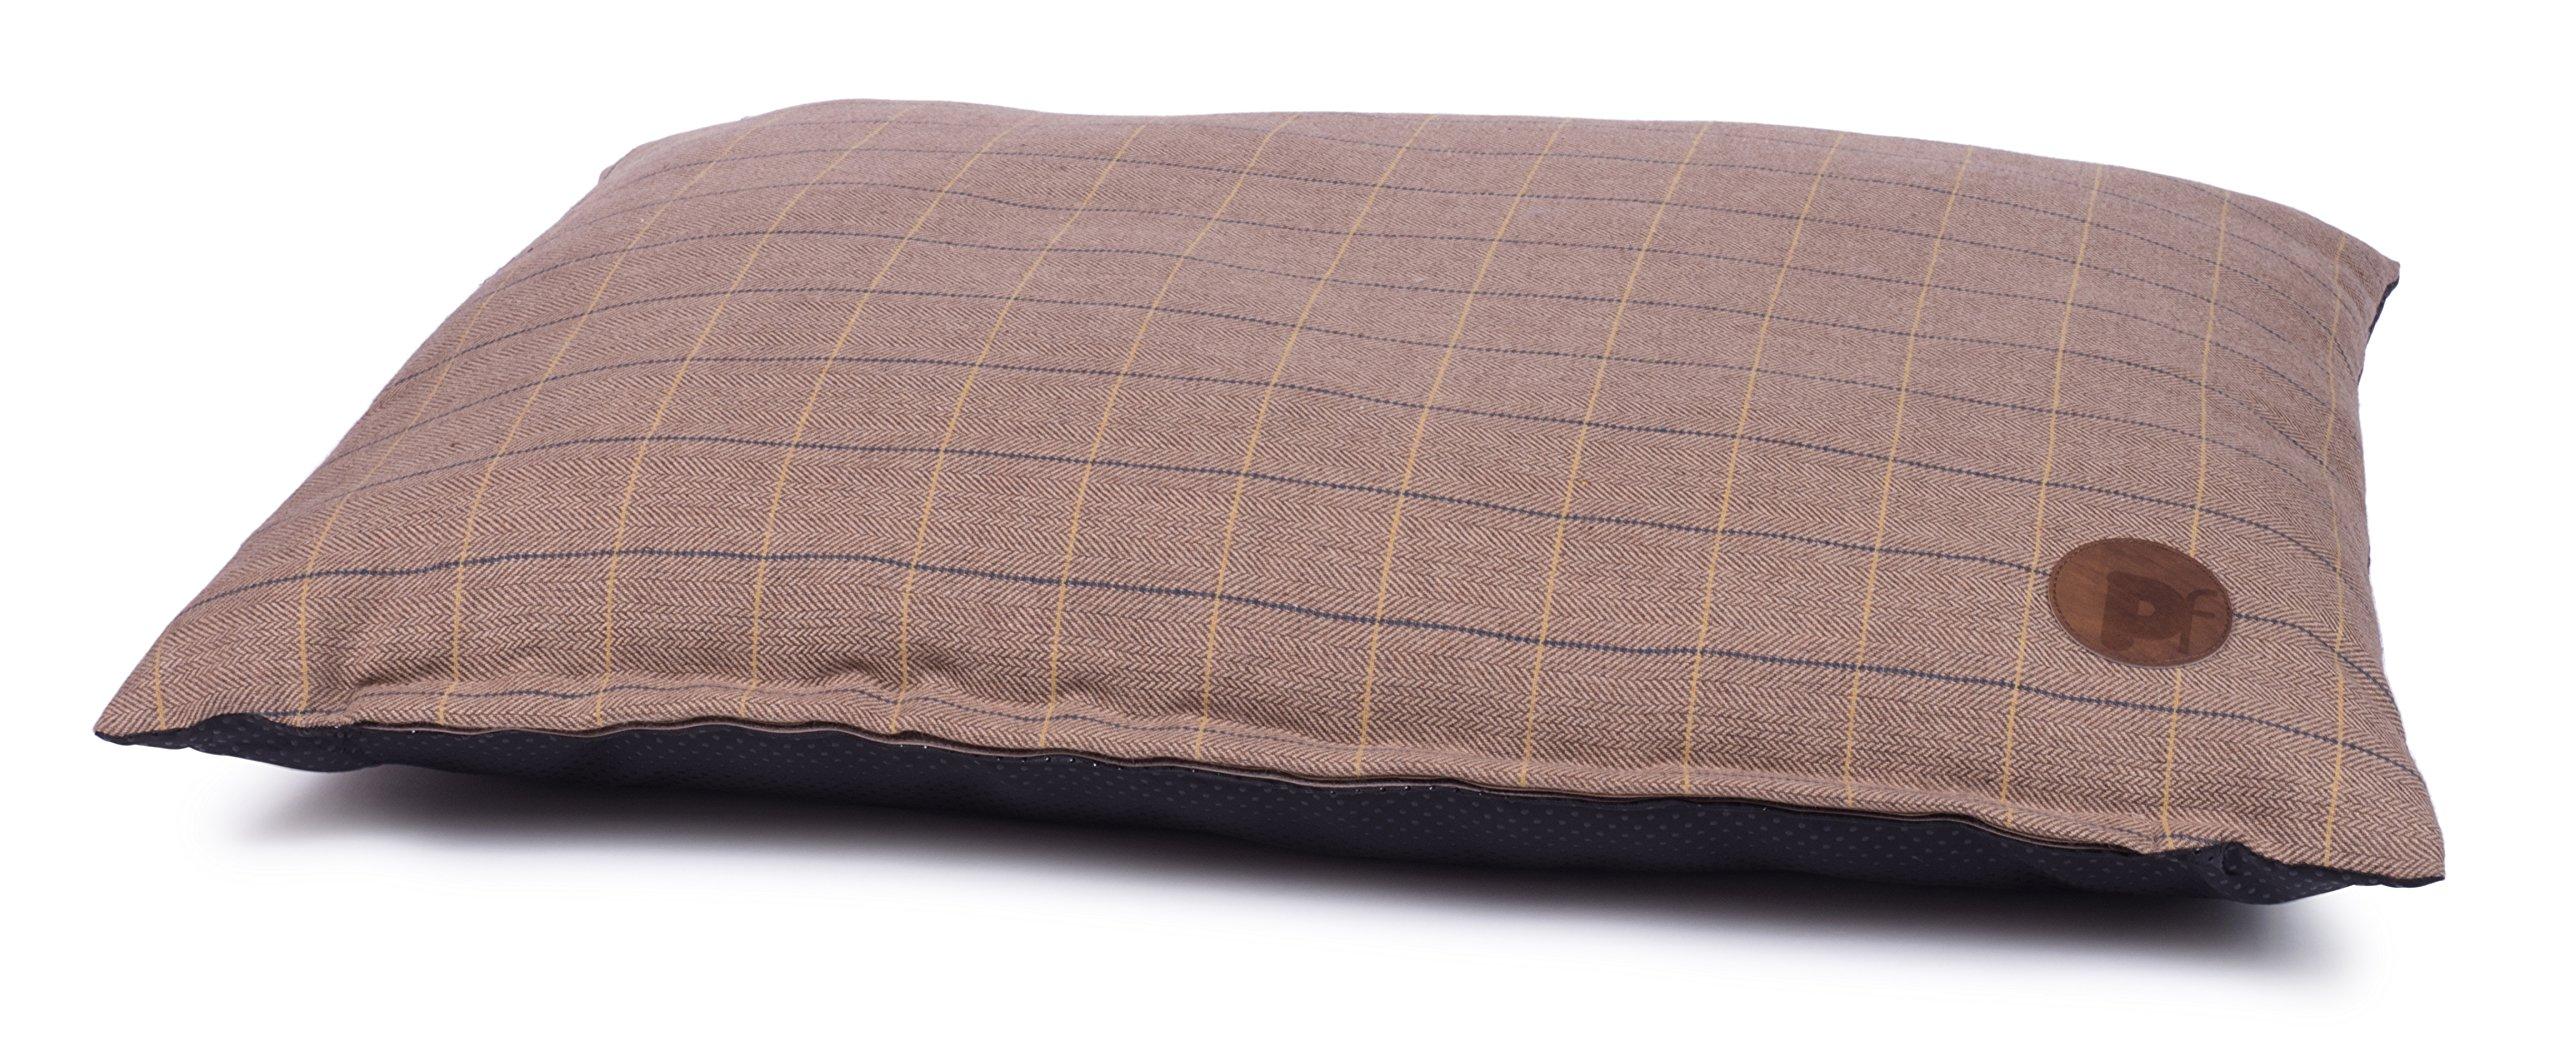 Petface Dog Bed, Tweed Mattress, Pet Bed Pillow, Tan, Large